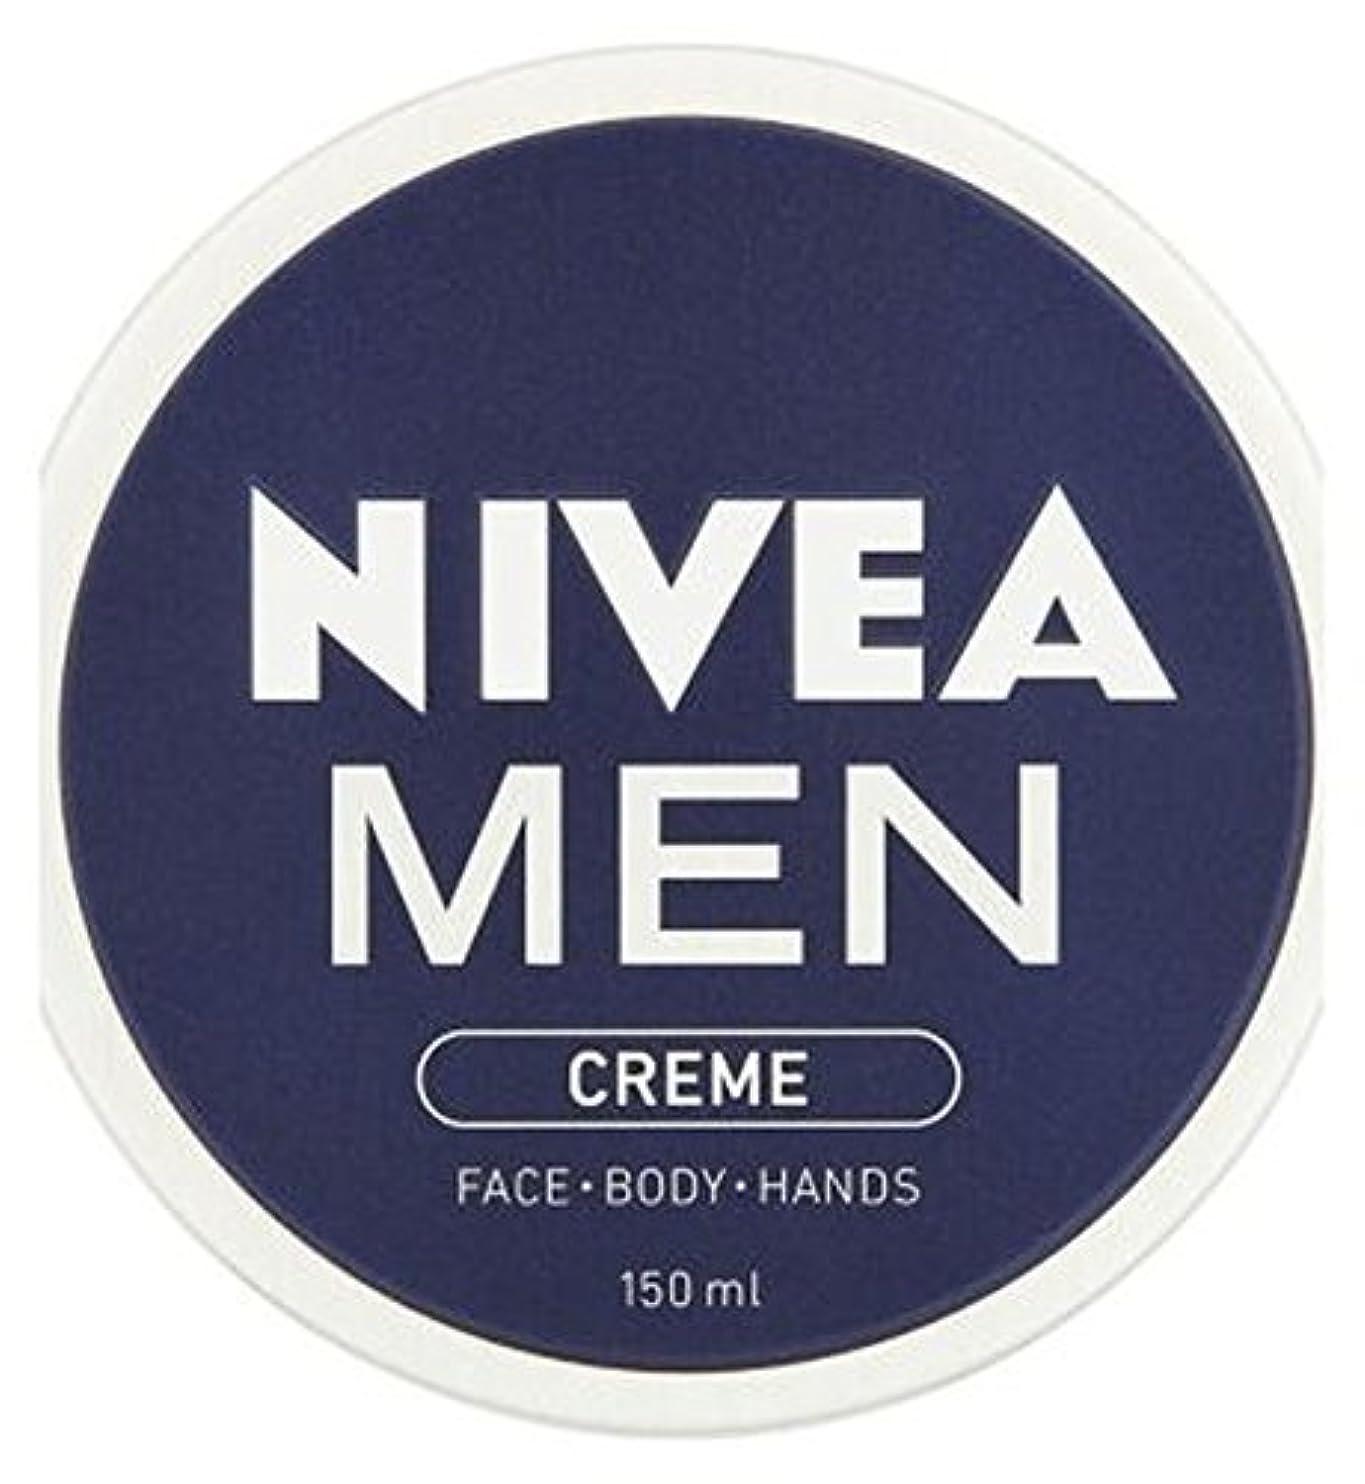 スナップ可能にする九時四十五分NIVEA MEN Creme 150ml - ニベアの男性が150ミリリットルクリーム (Nivea) [並行輸入品]